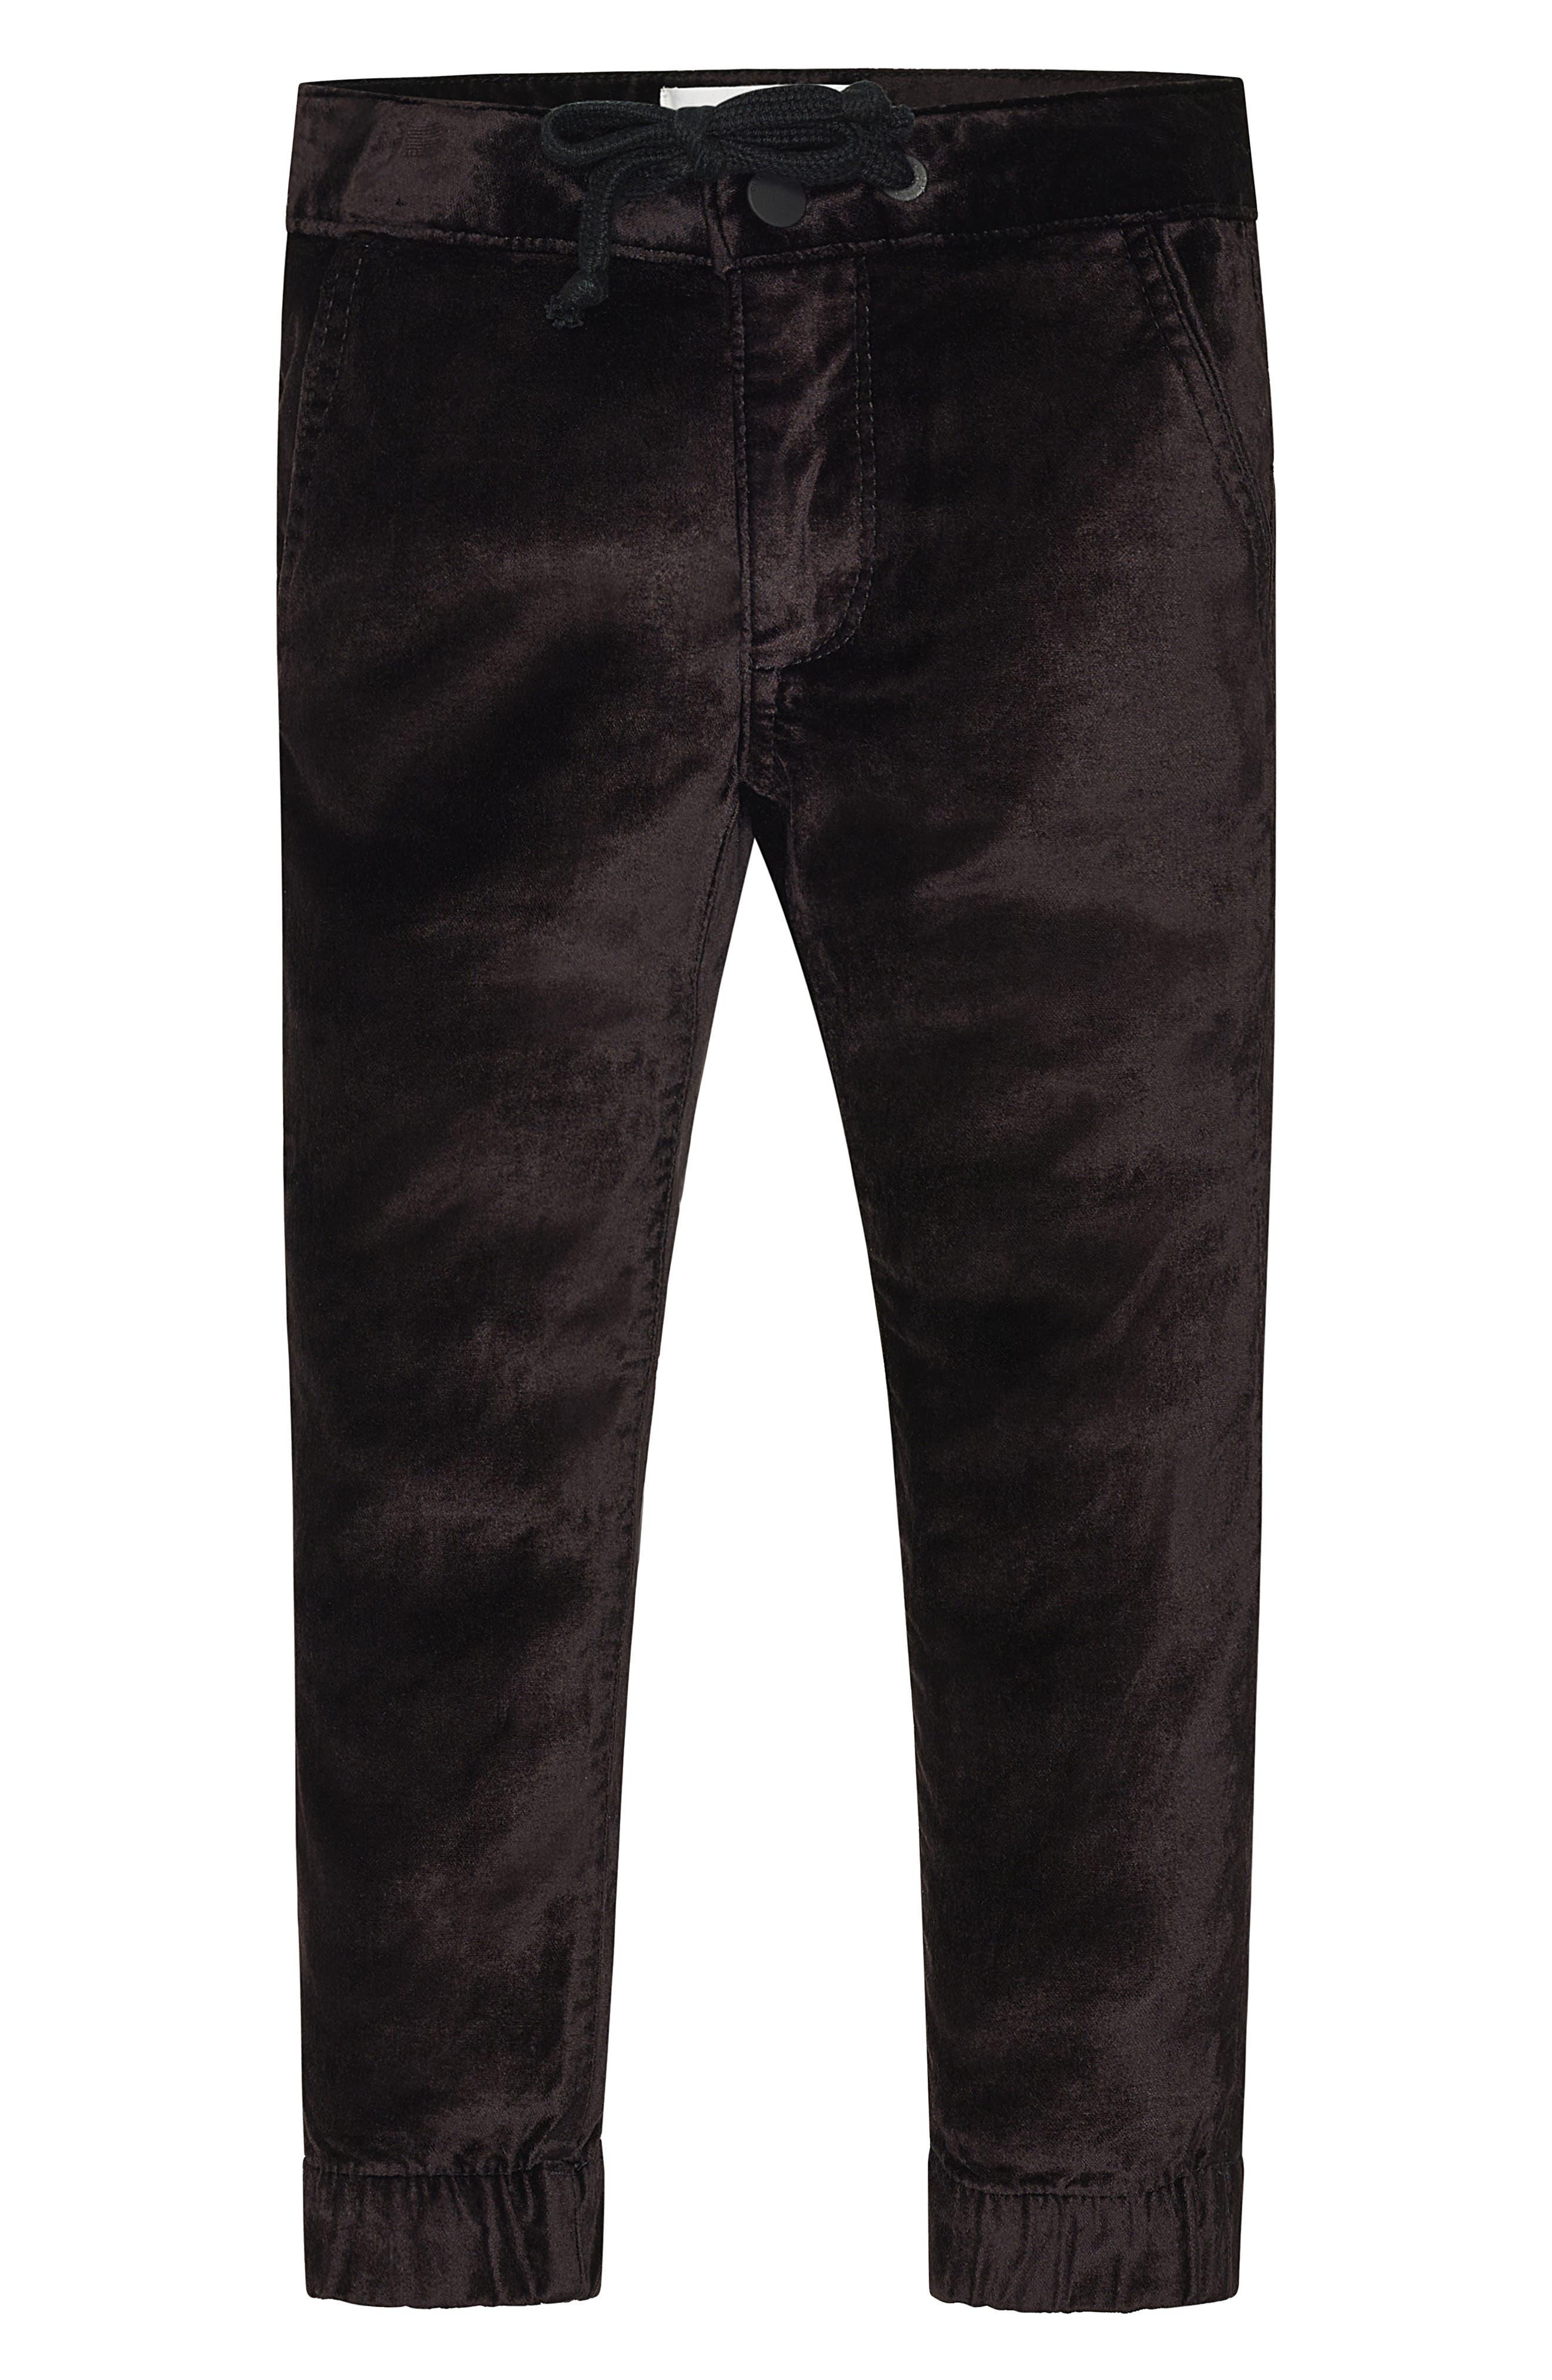 Mel Velvet Jogger Pants,                         Main,                         color, Black Velvet